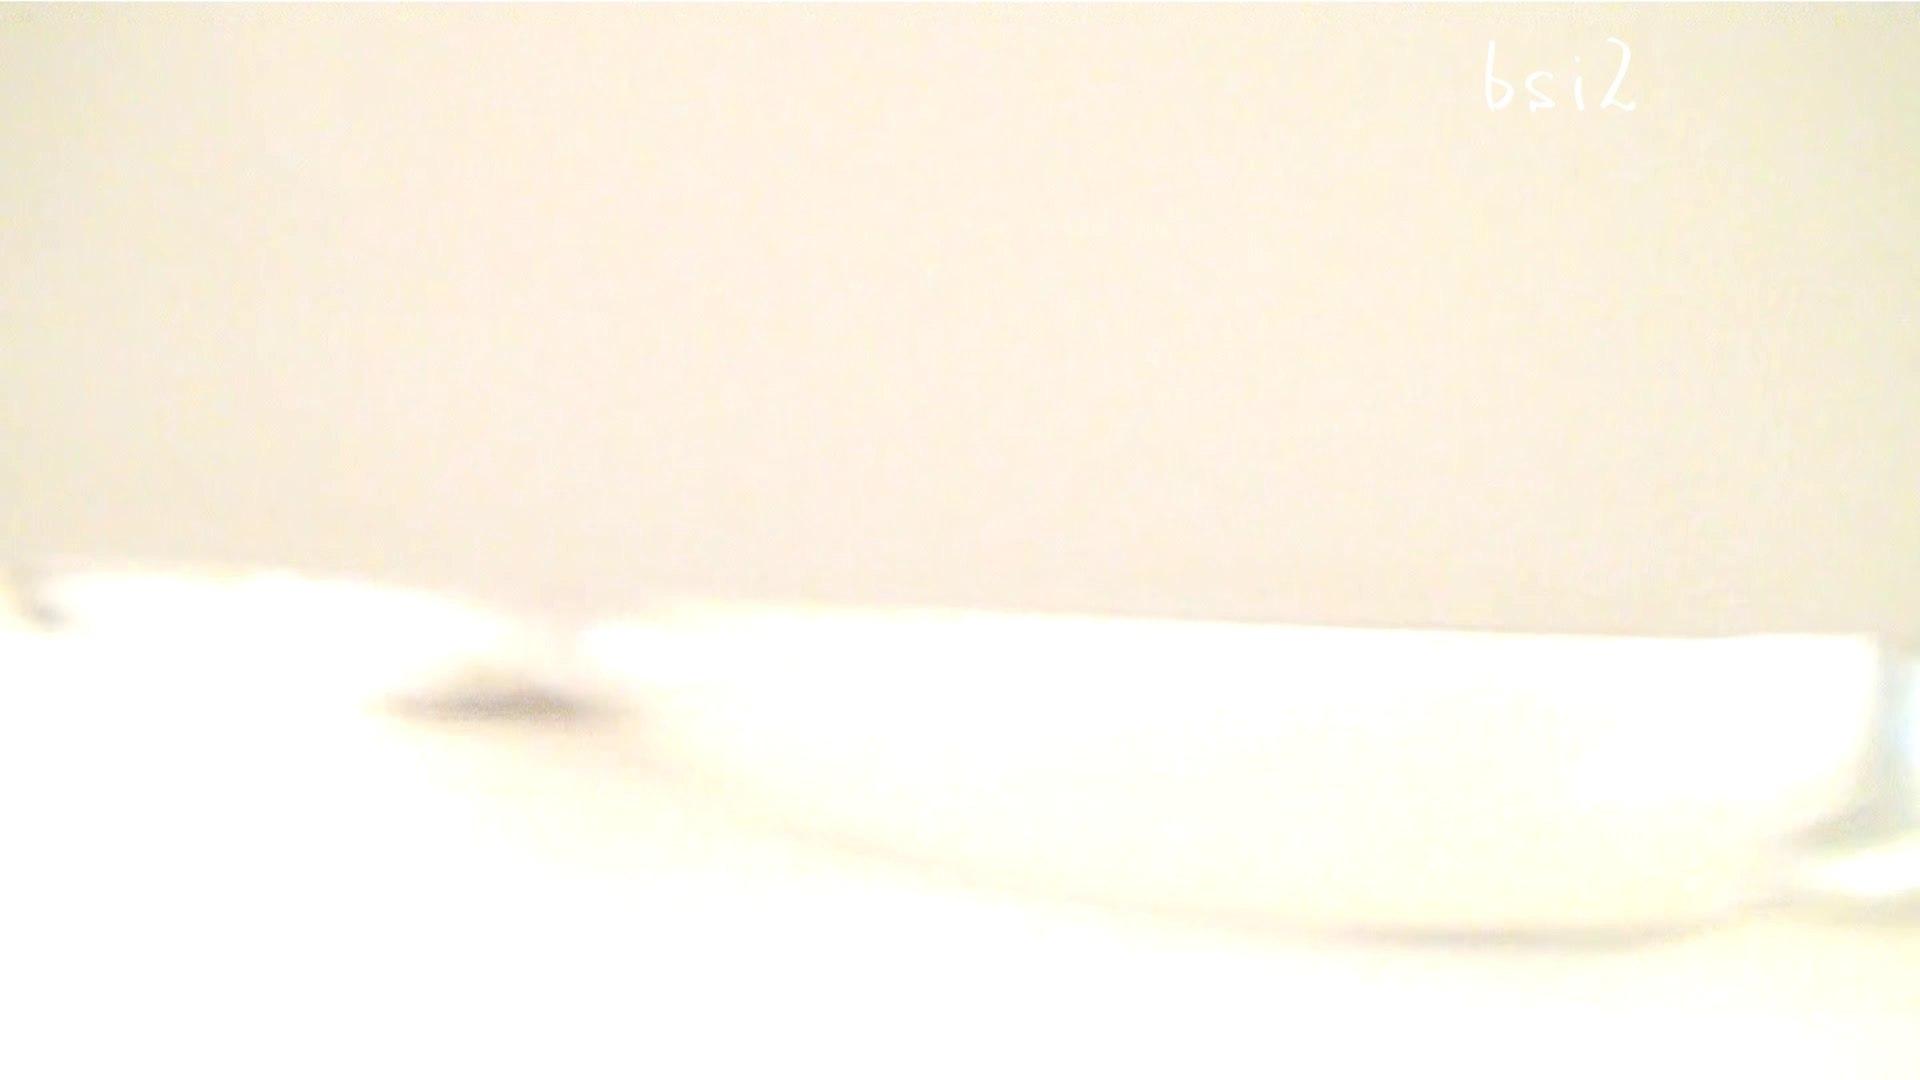 至高下半身盗撮-PREMIUM-【院内病棟編 】VOL2 OL | 盗撮エロすぎ  81連発 43